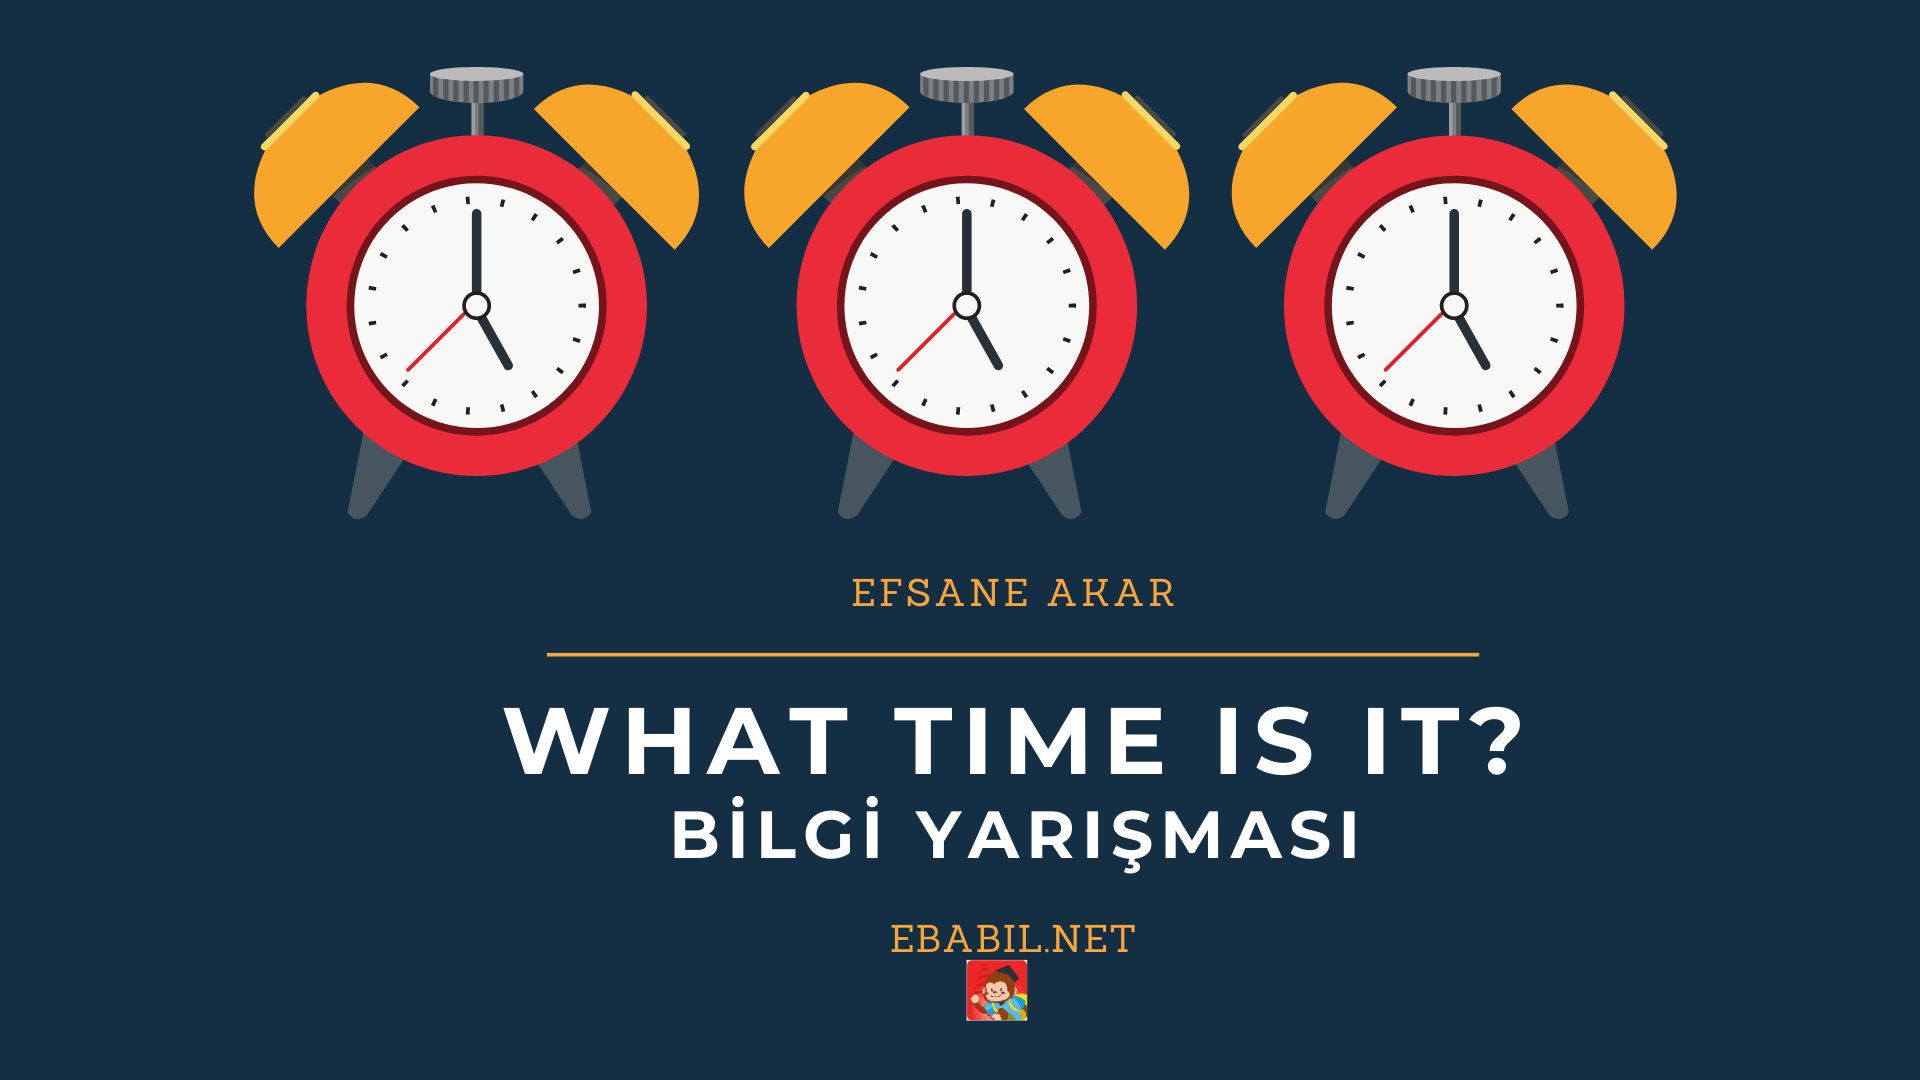 İngilizce Saatler Konusu Bilgi Yarışması (Telling The Time)